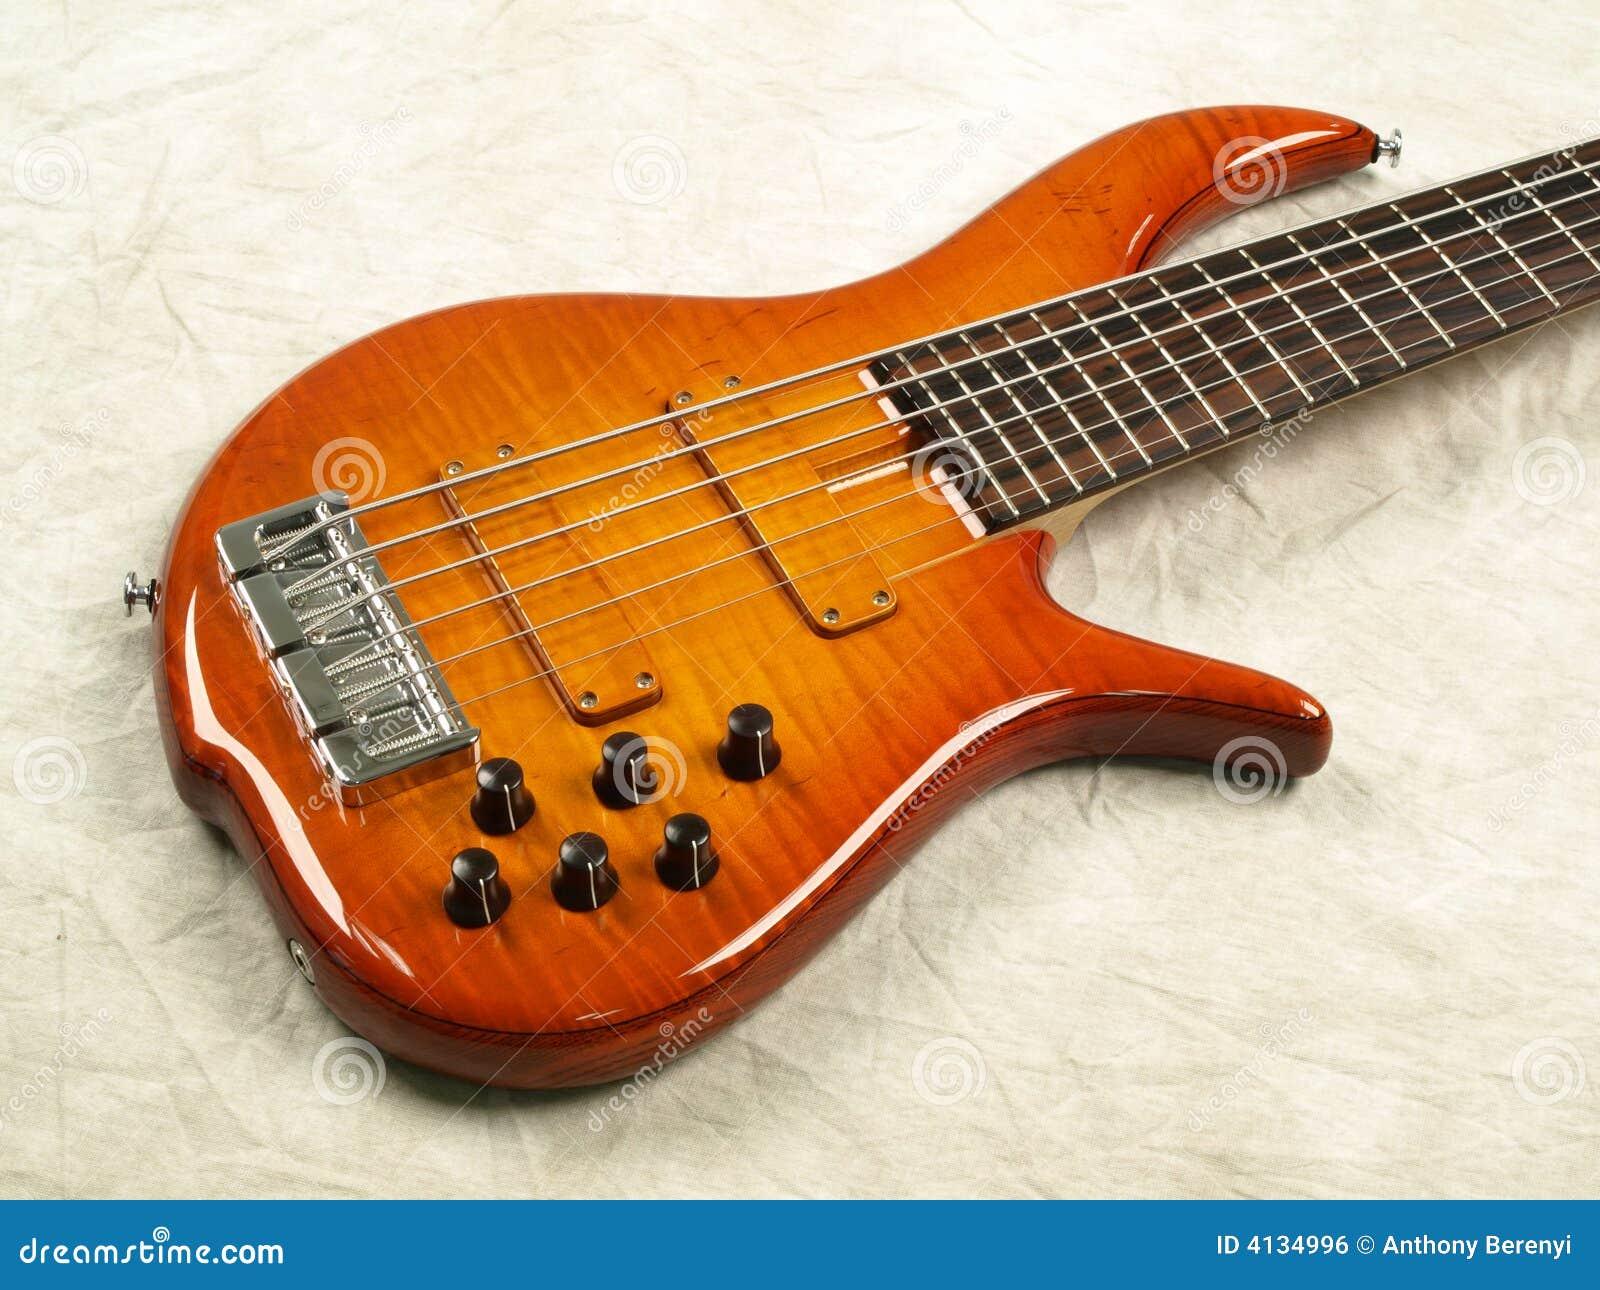 Bass guitar honey color body 2